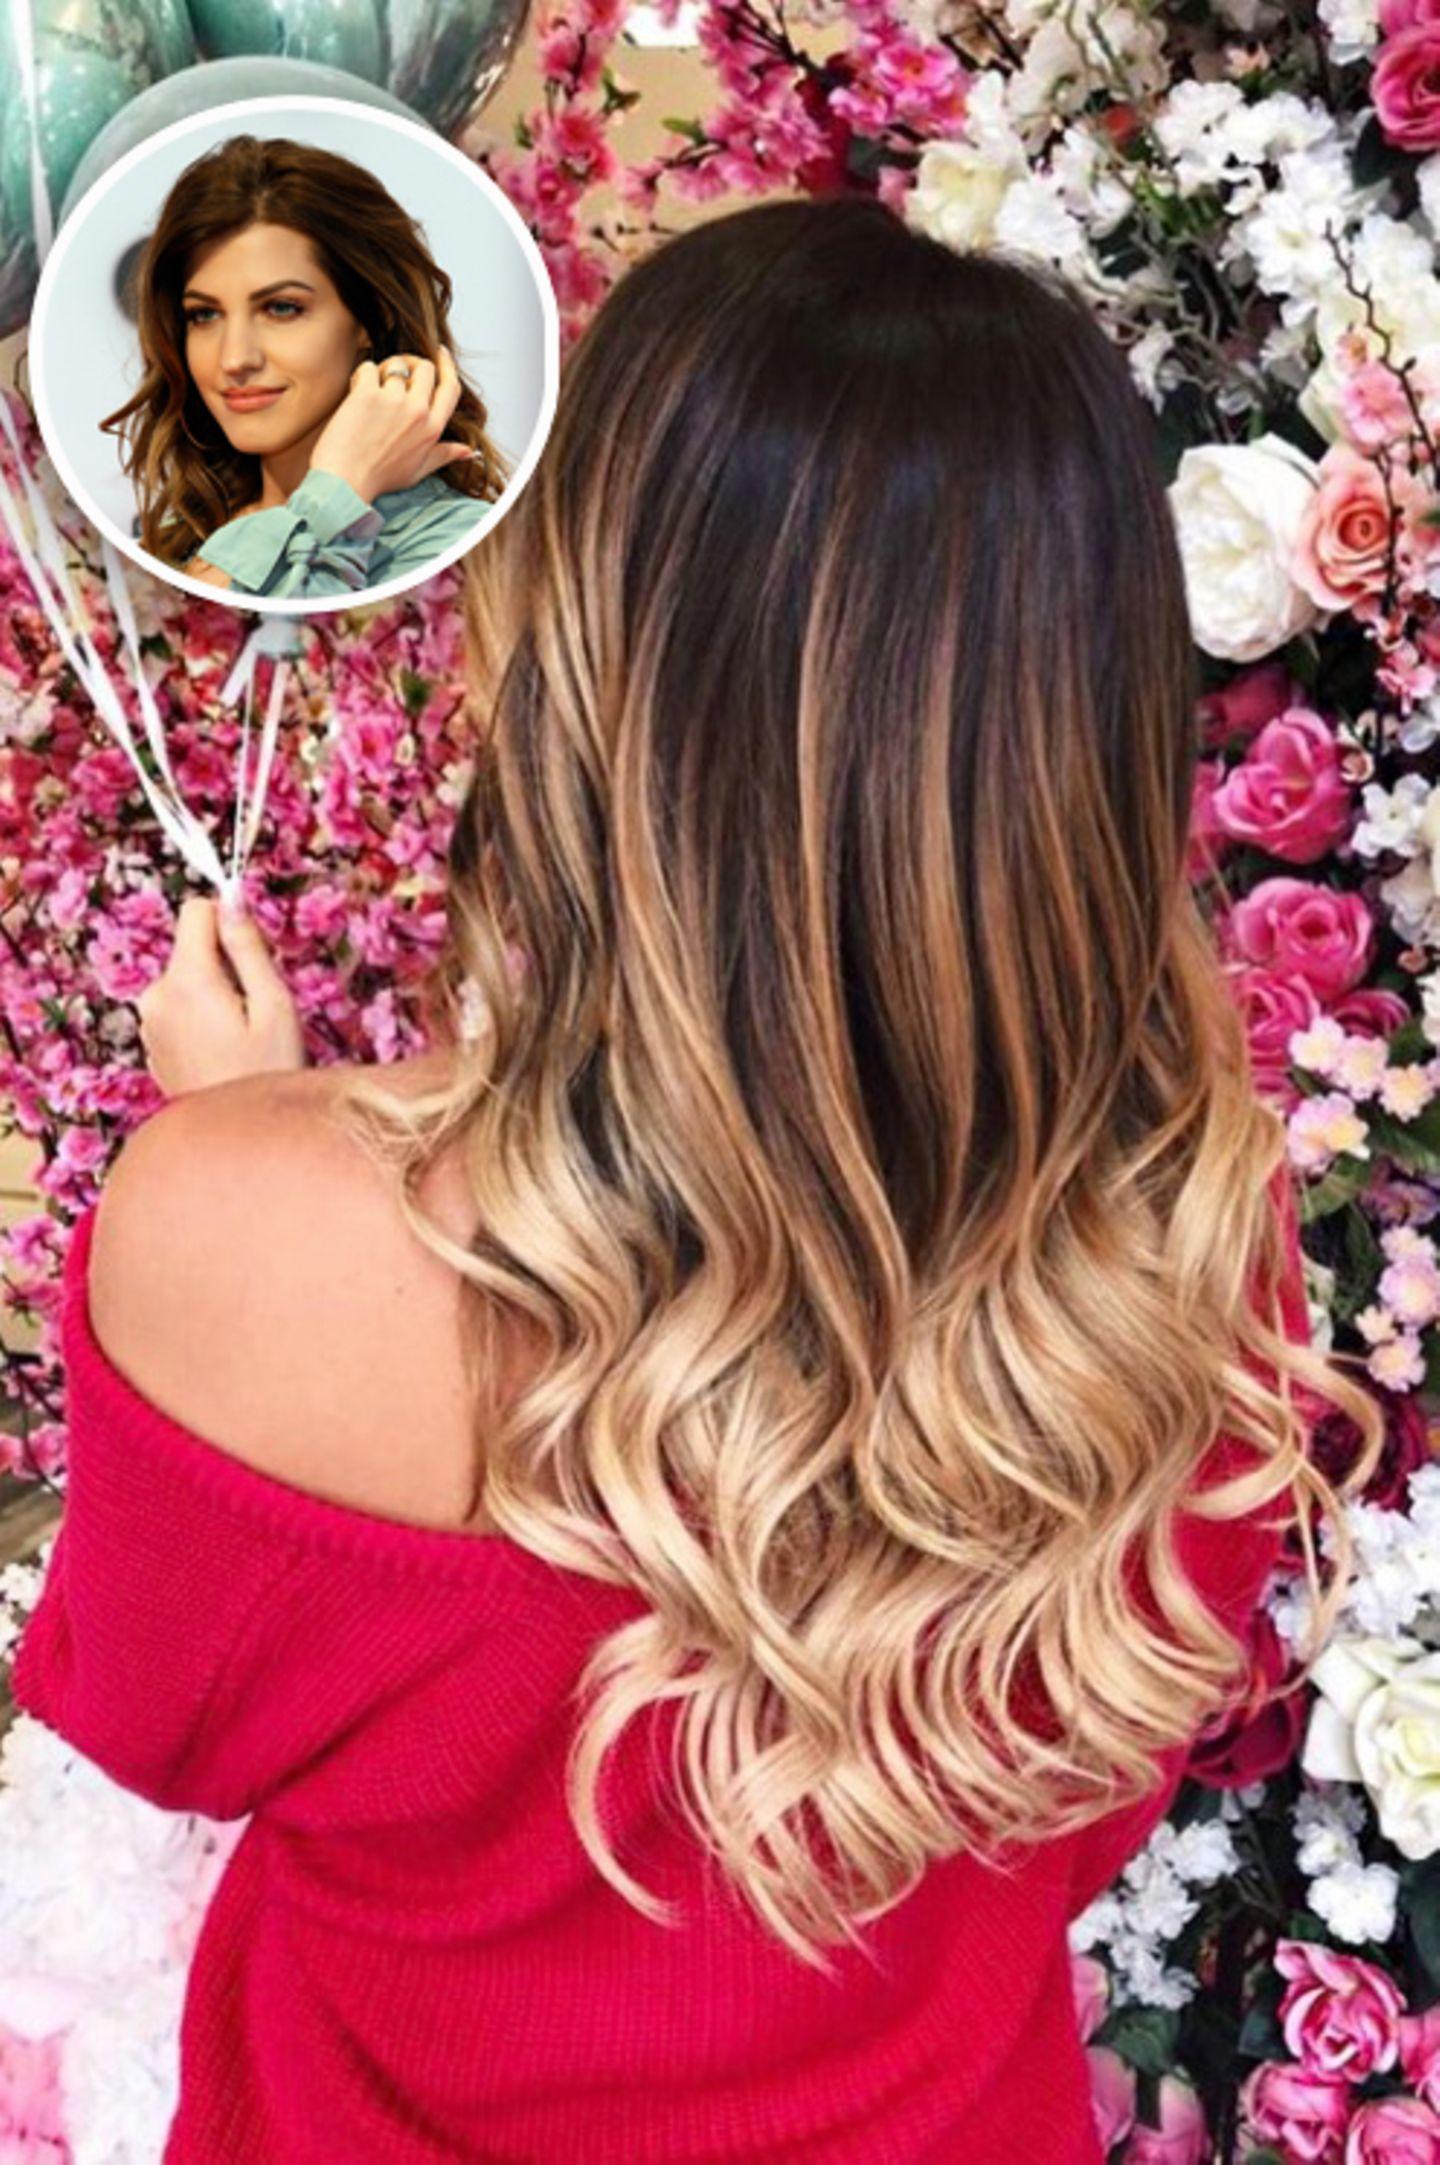 Auf Instagram postet der Social Media Star dieses Foto von ihrem neuen Look. Ihre Haare sind dank Extensions wieder deutlich länger und in den Spitzen auch heller.